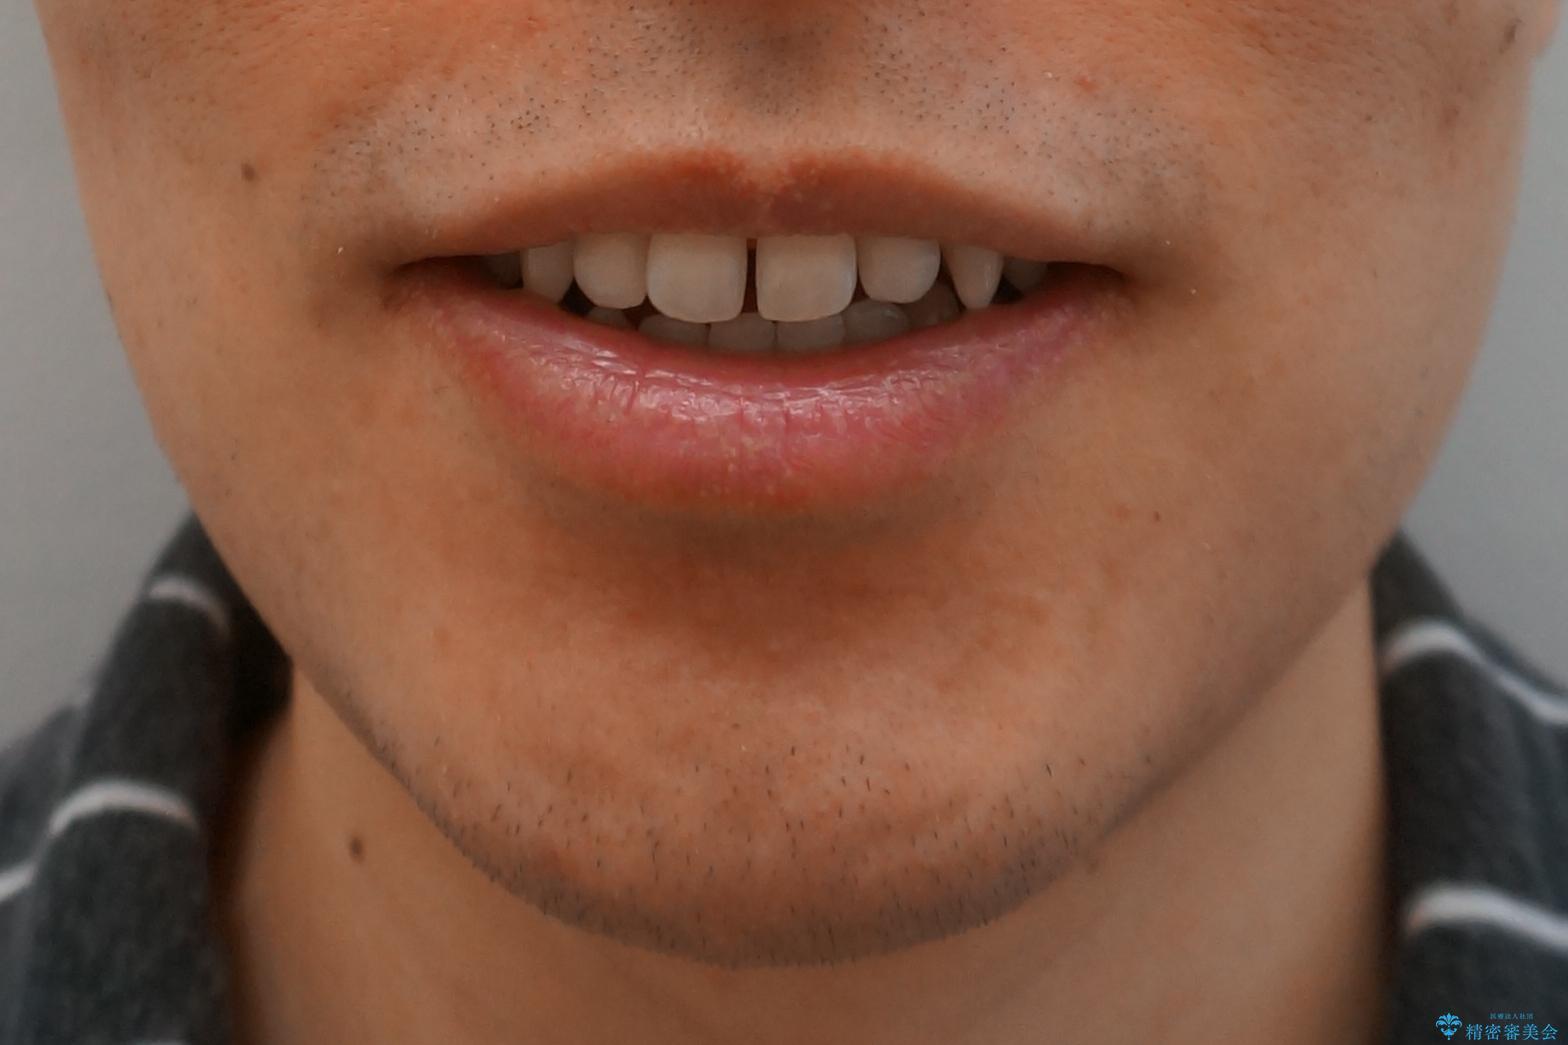 前歯のすき間 セラミックで綺麗に 最短で治療の治療前(顔貌)